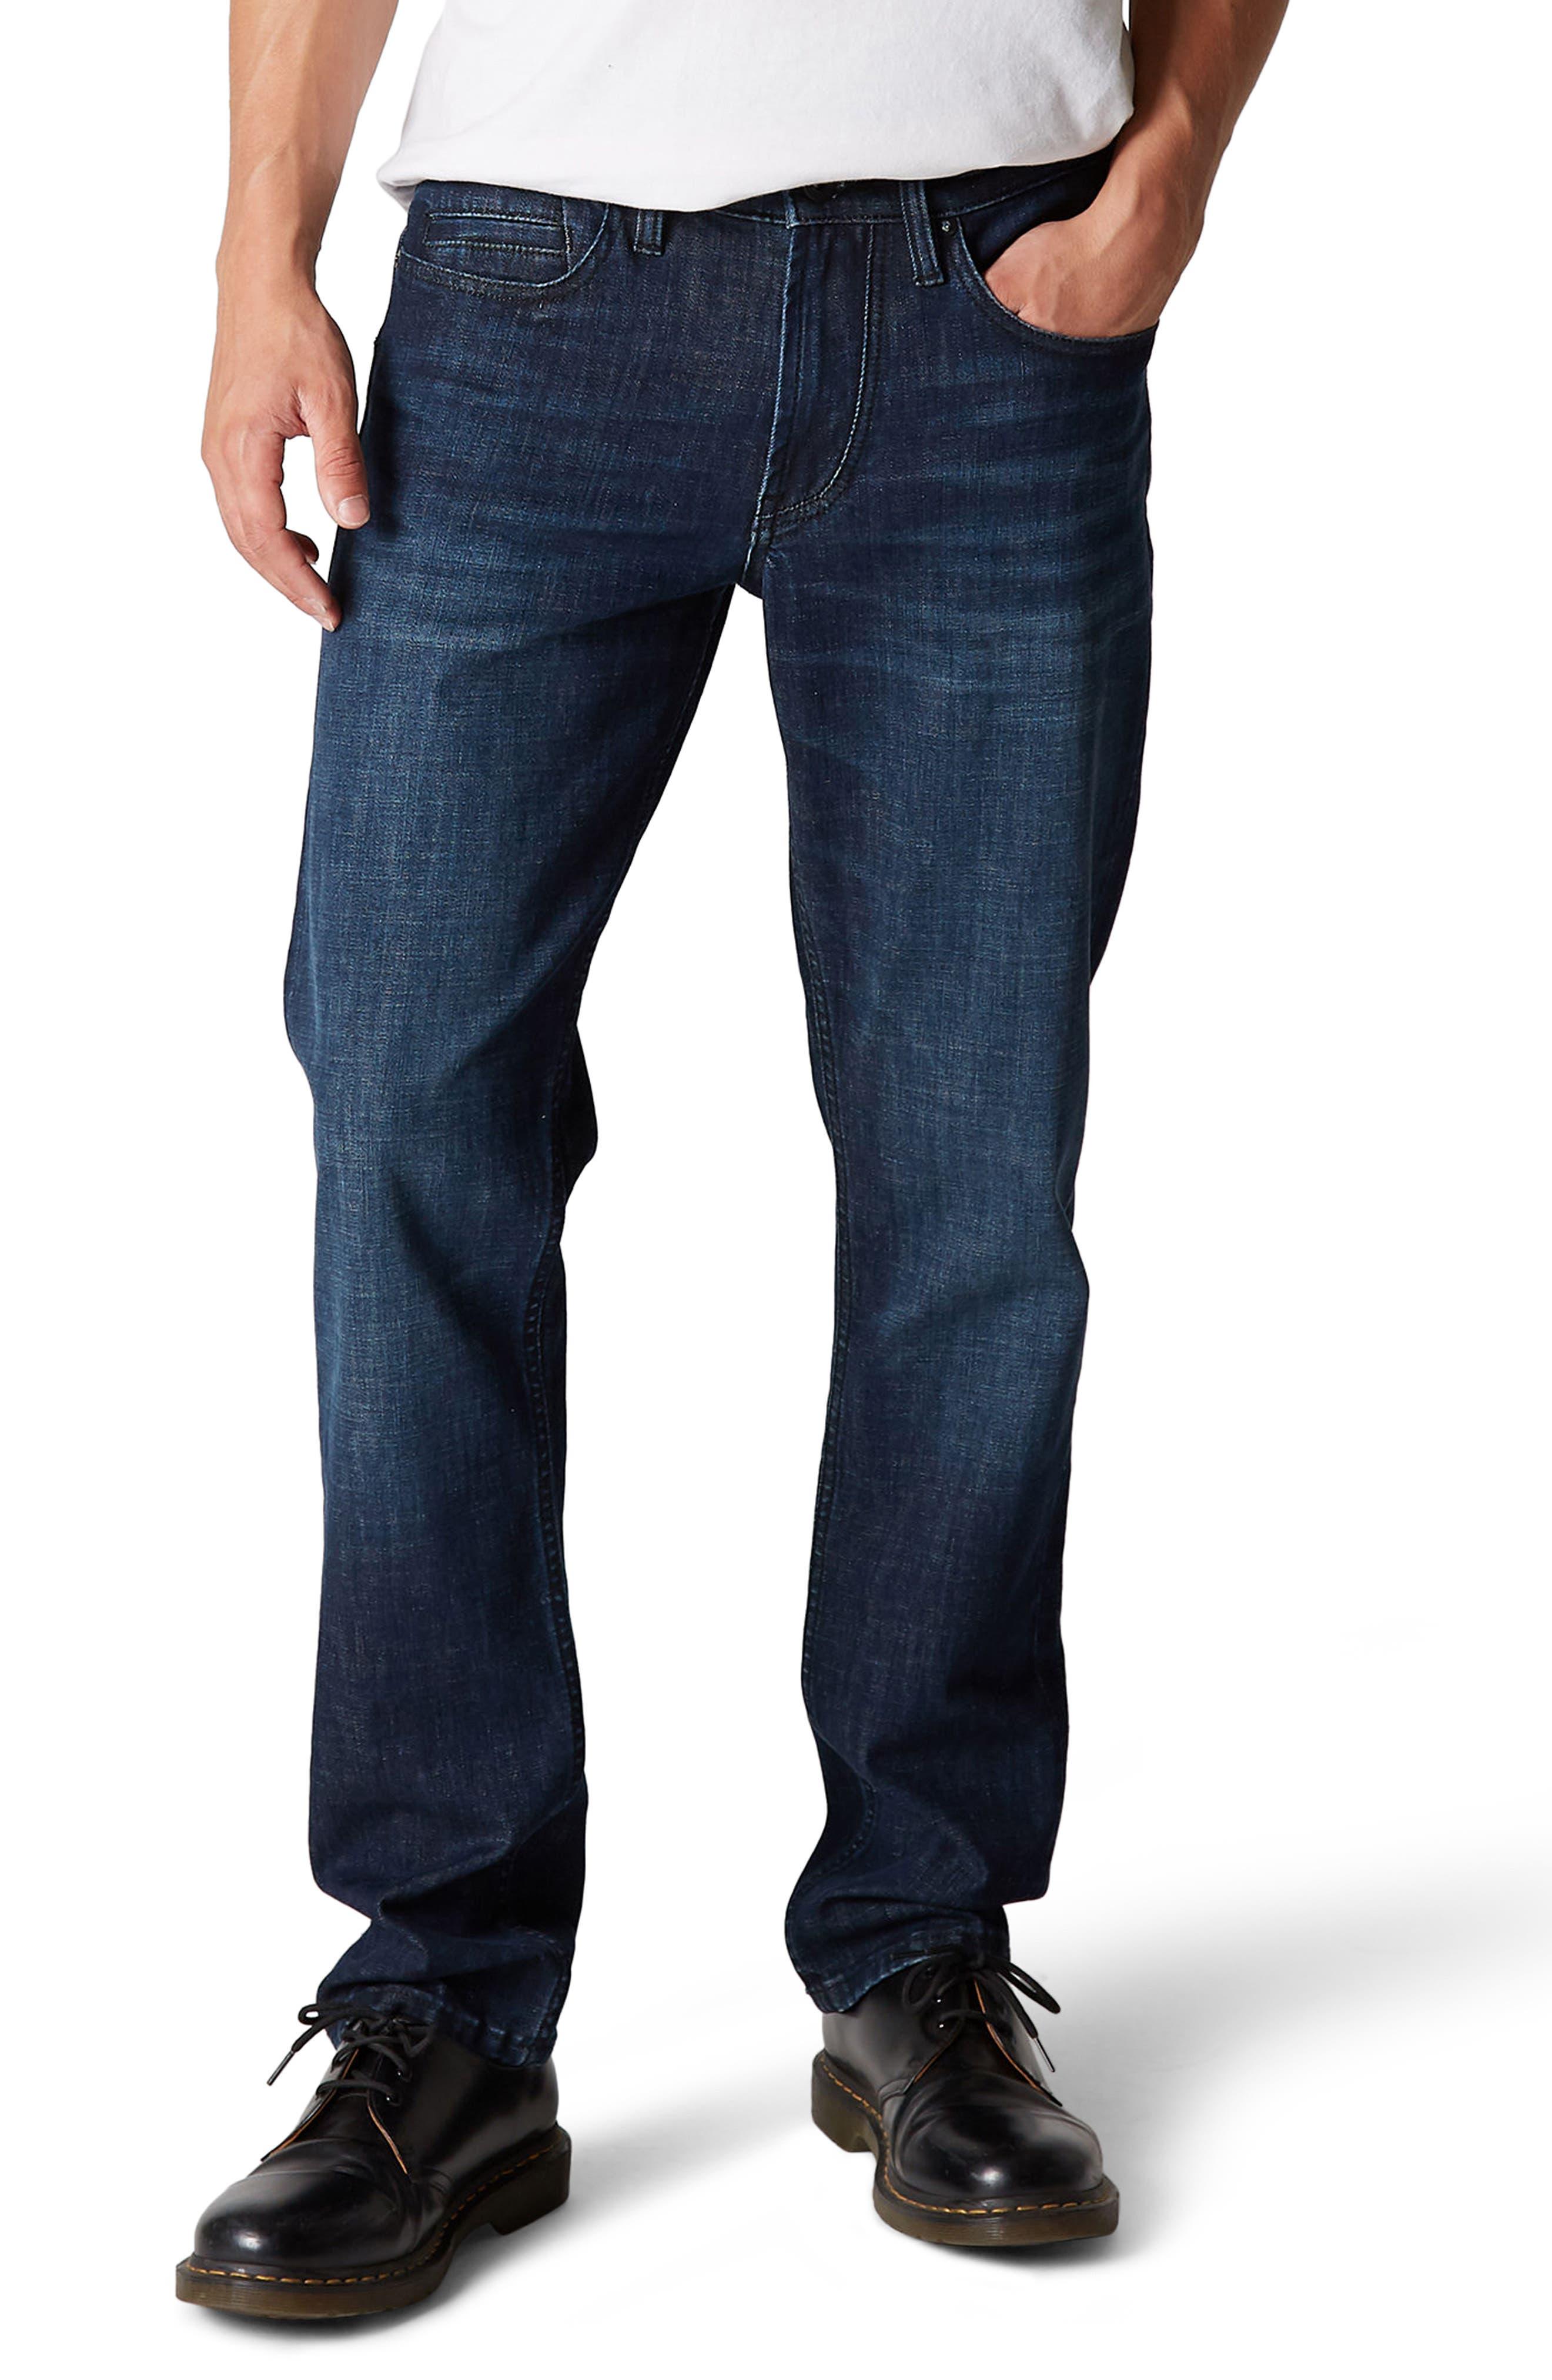 Main Image - BLANKNYC Wooster Slim Fit Jeans (Ten Strikes)